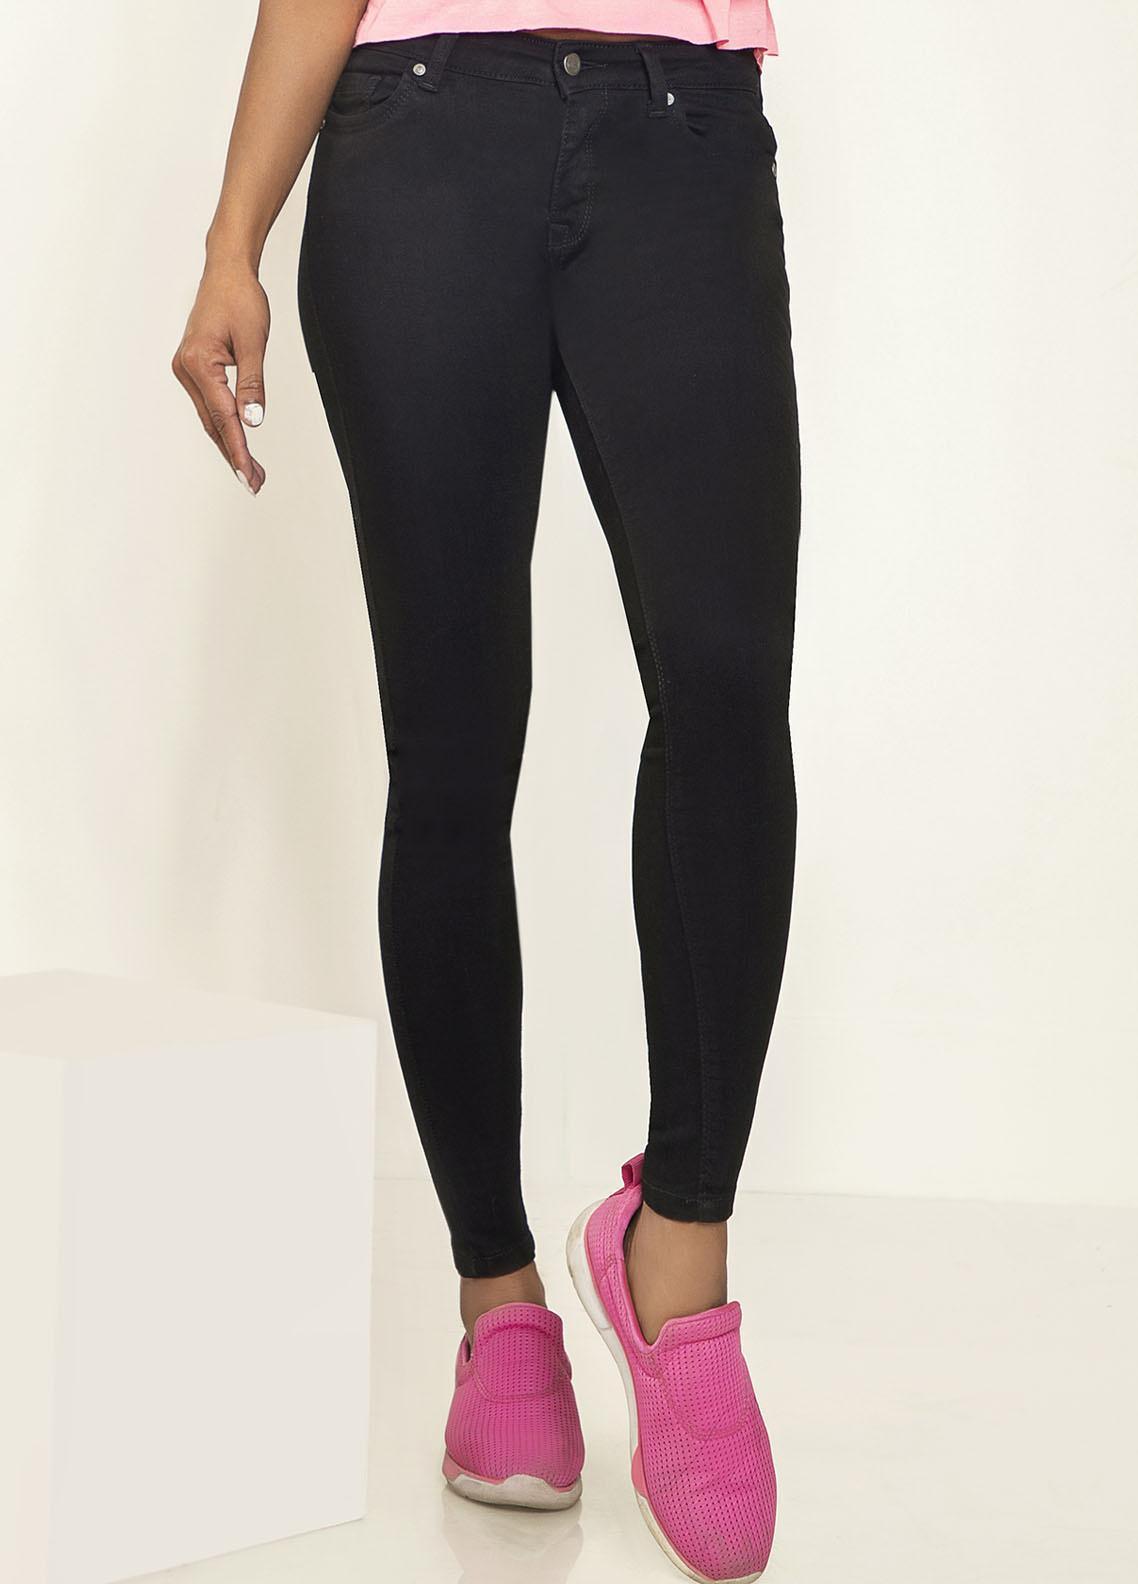 Kross Kulture Perfect Curves Denim Jeans KWA-20-006 BLK